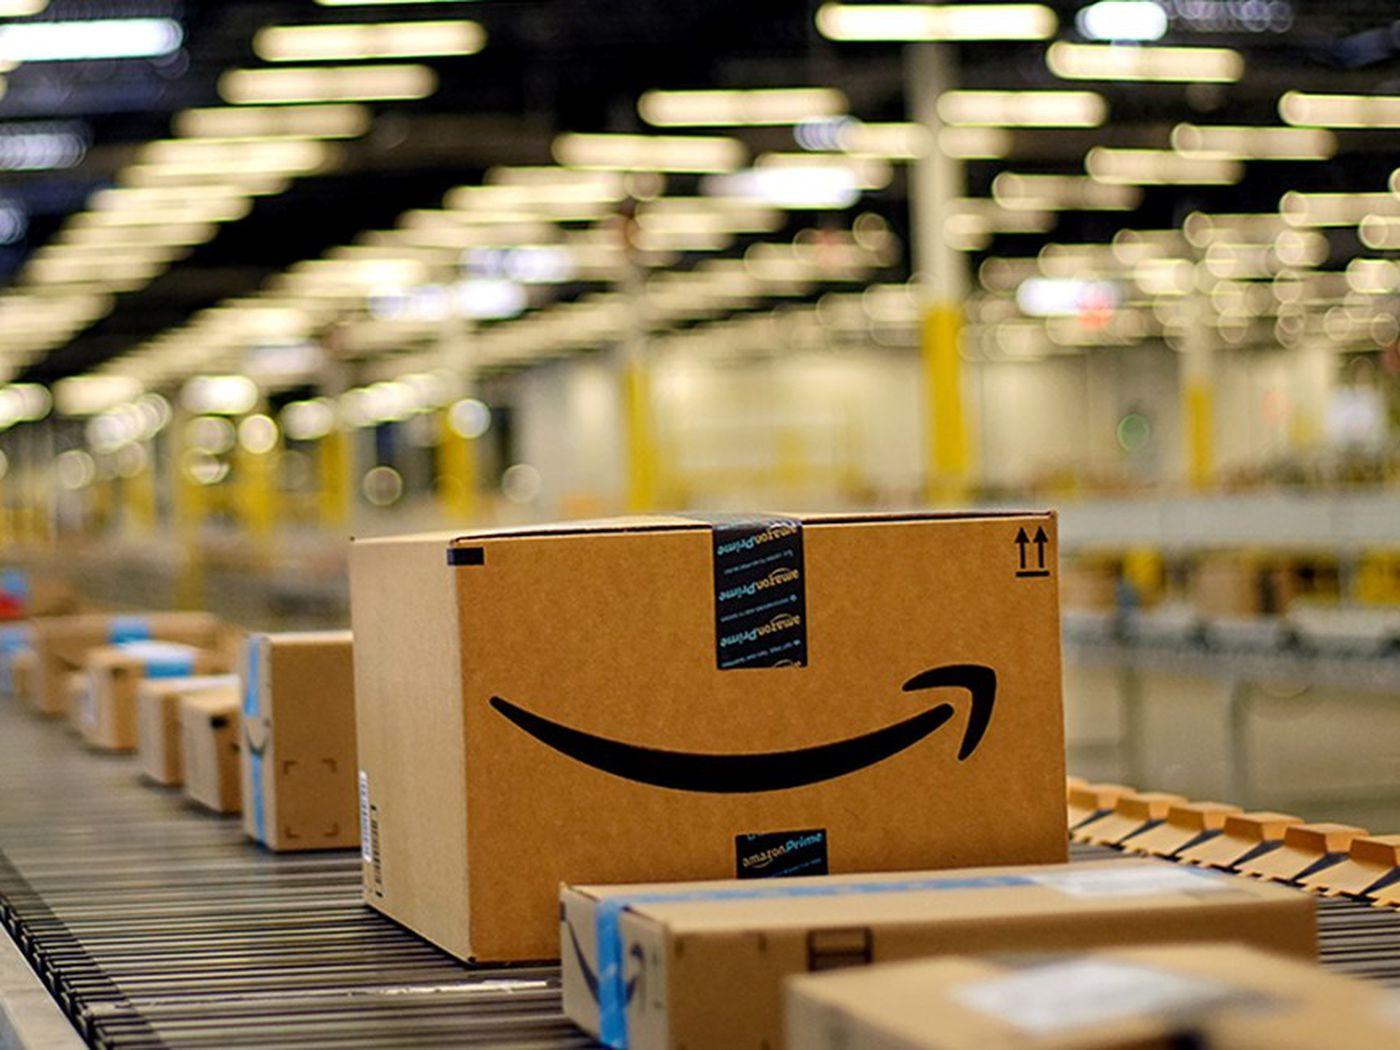 Ernie și Bert, noii angajați de la Amazon. Sunt roboți